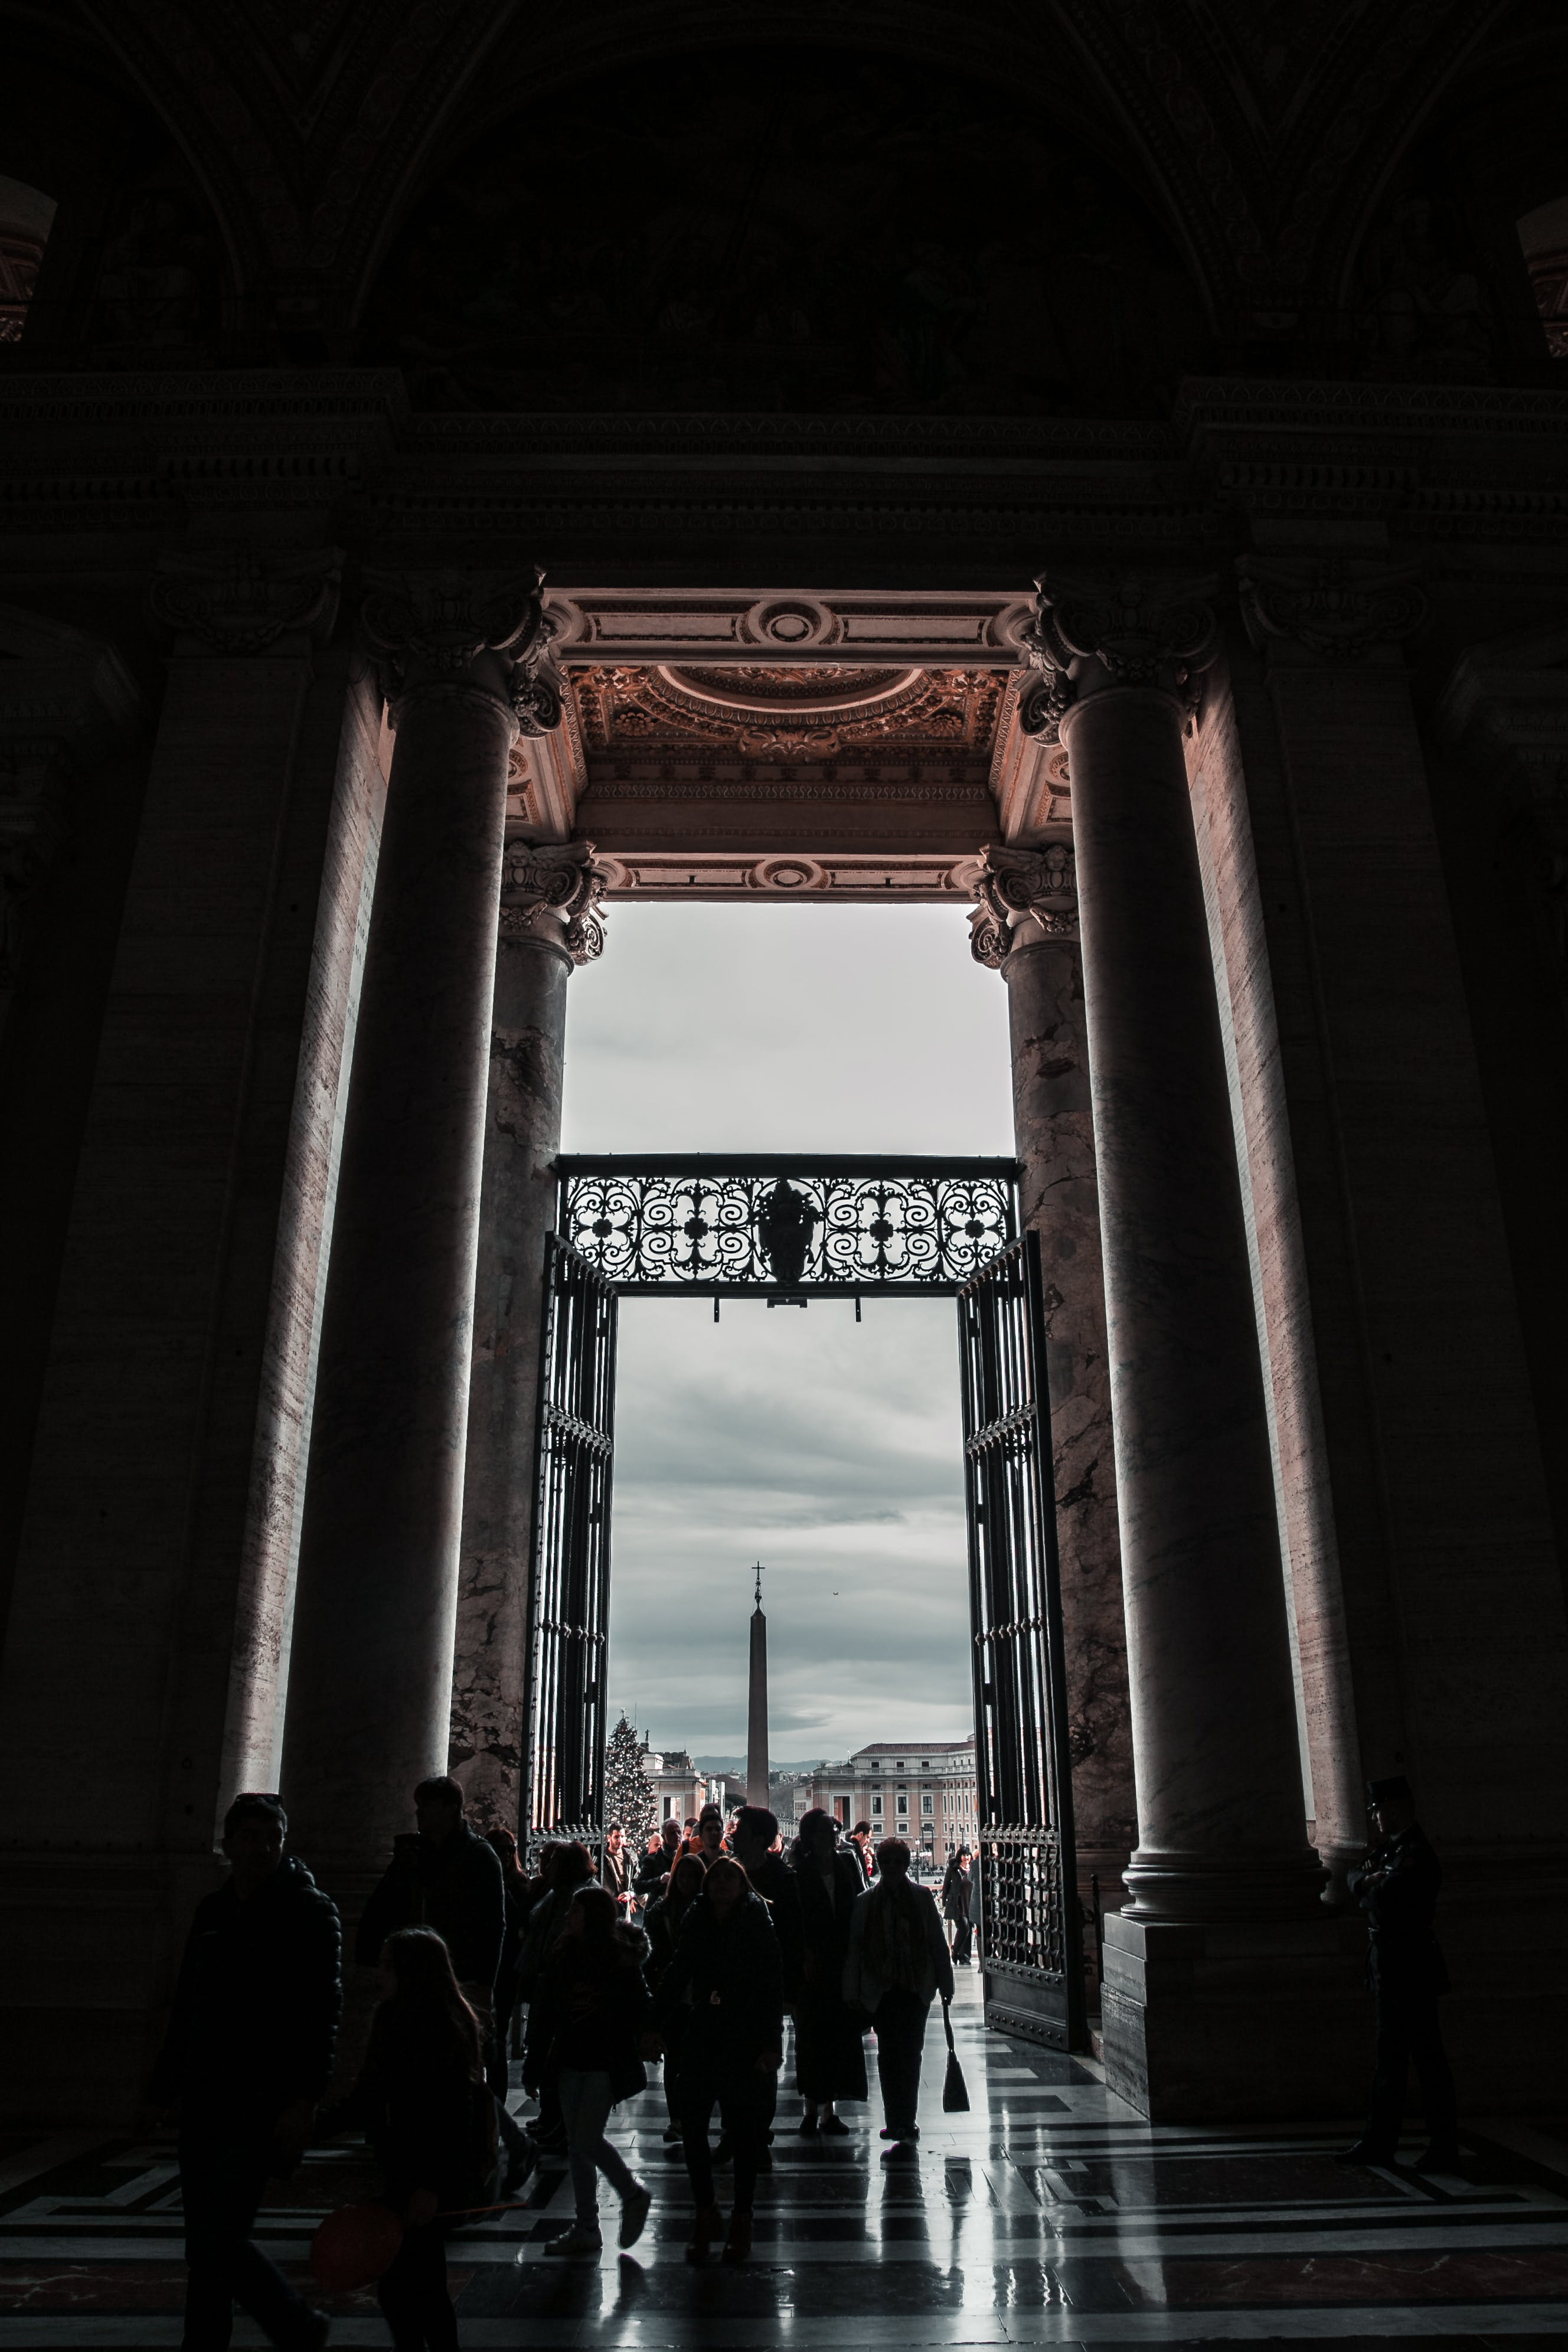 インドア, コラム, ドア, ランドマークの無料の写真素材